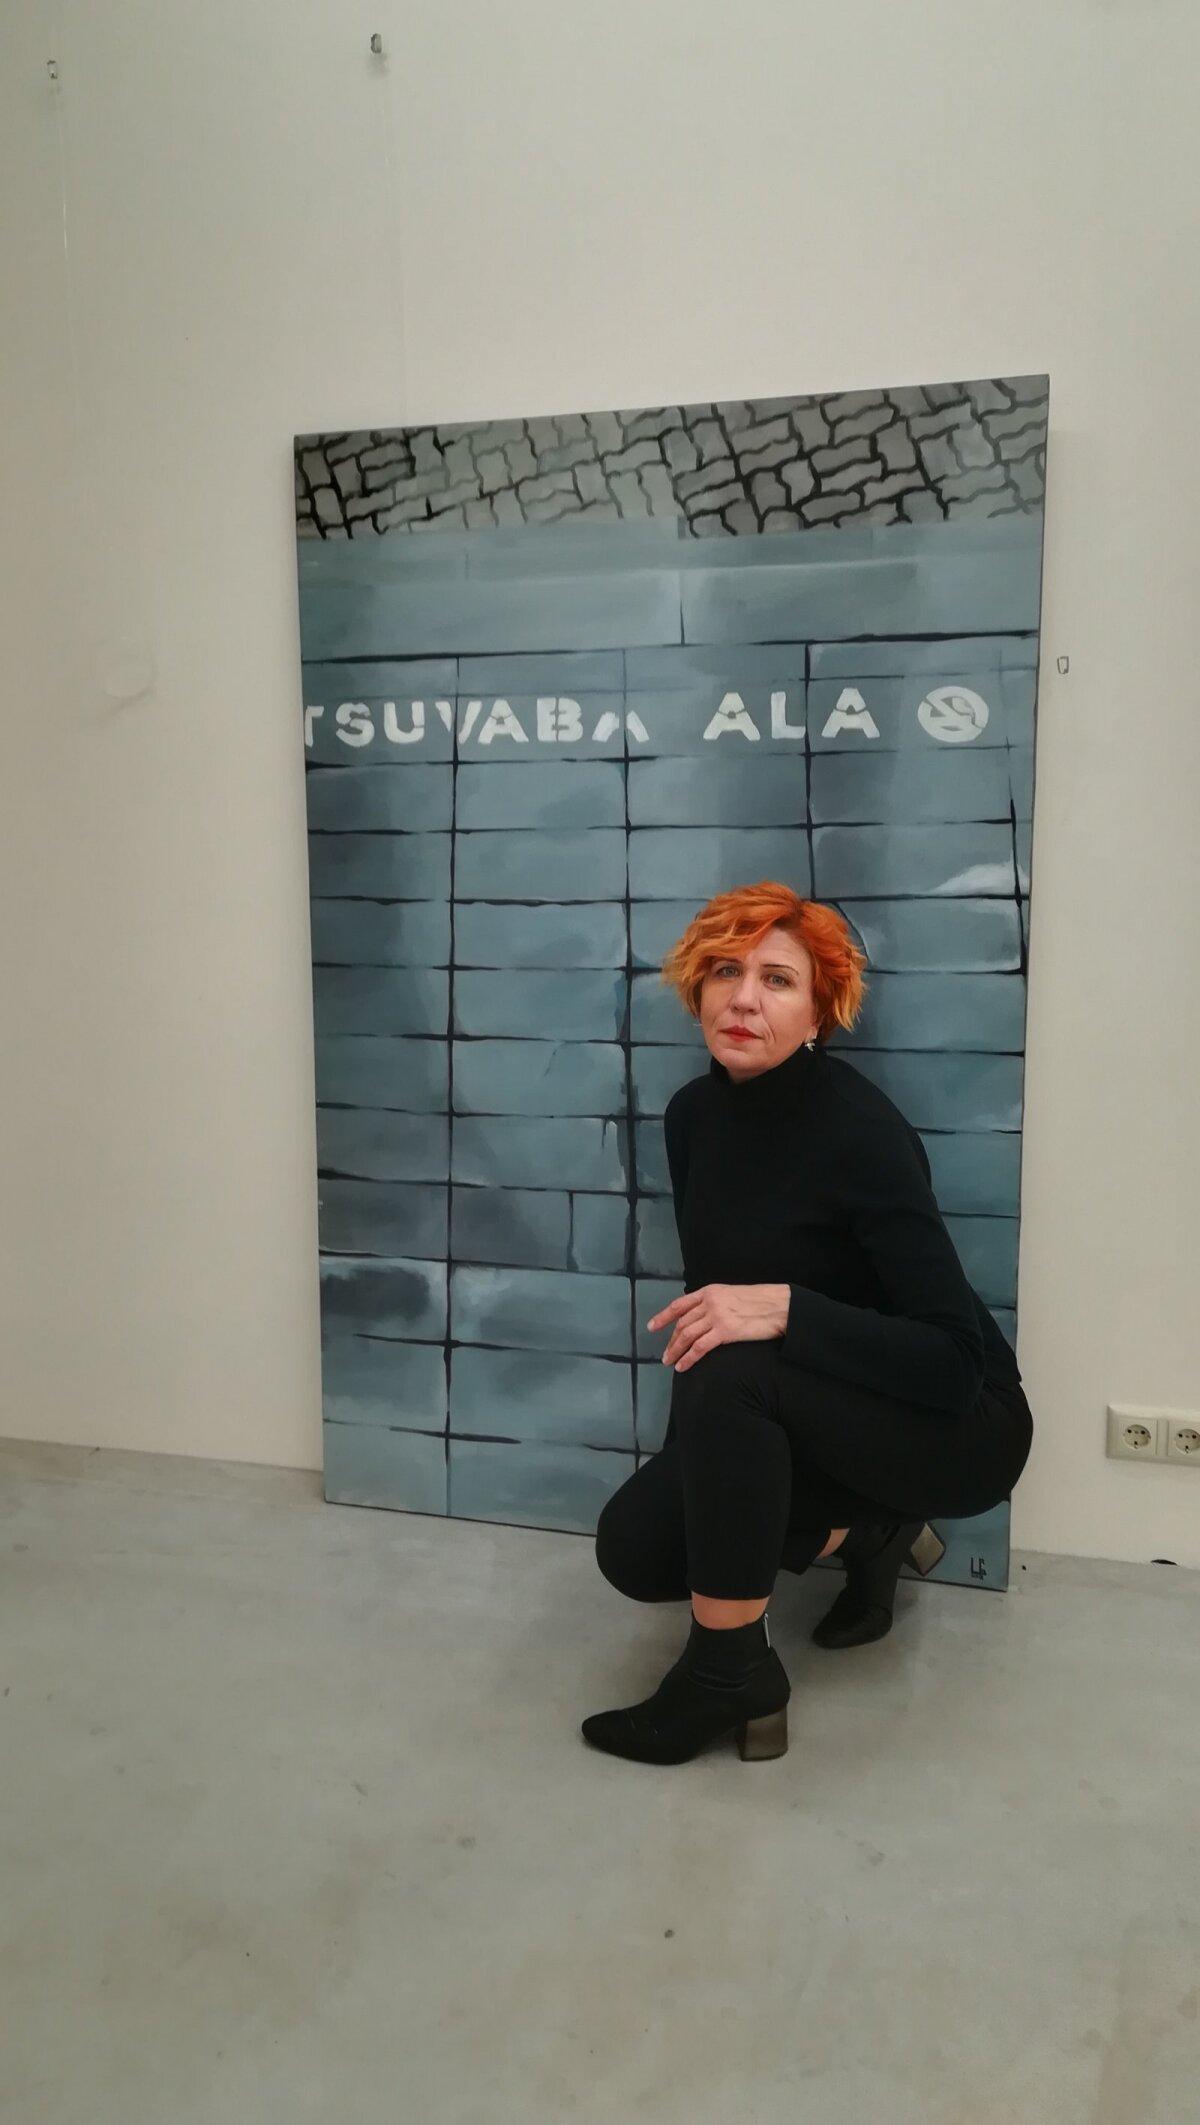 Lii Laanoja